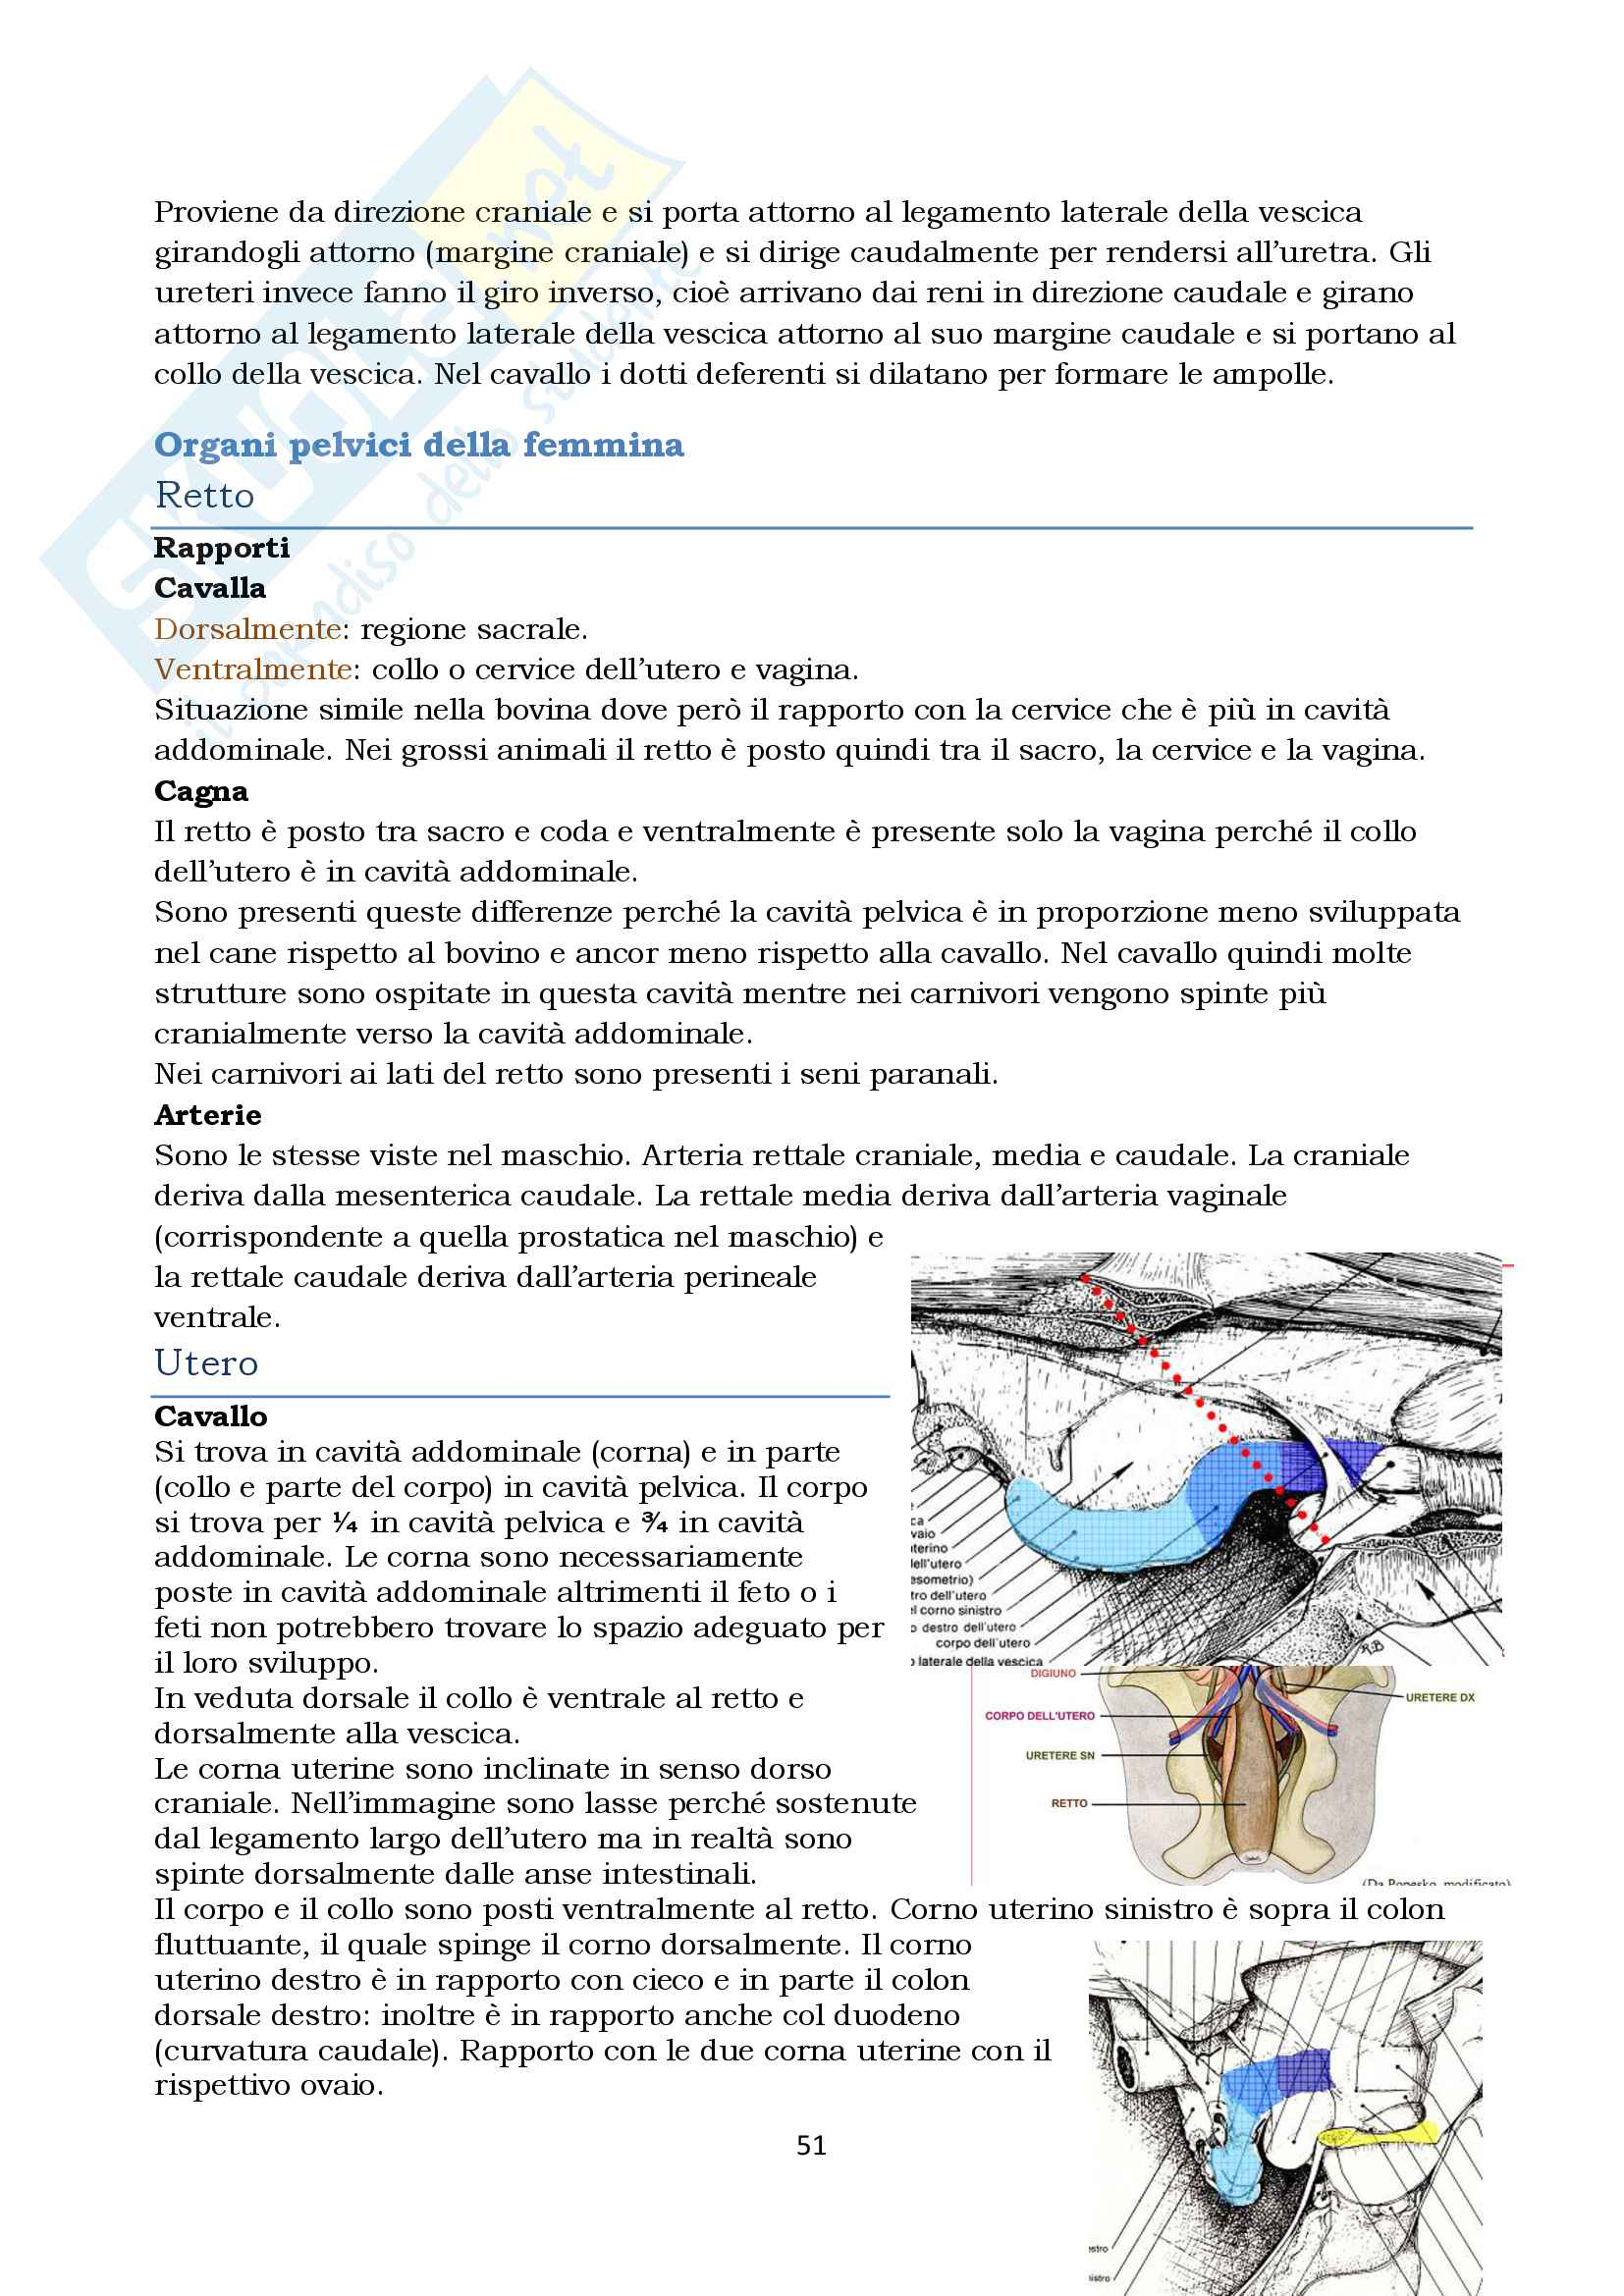 Anatomia topografica veterinaria parte II (piccoli e grandi animali) Pag. 51